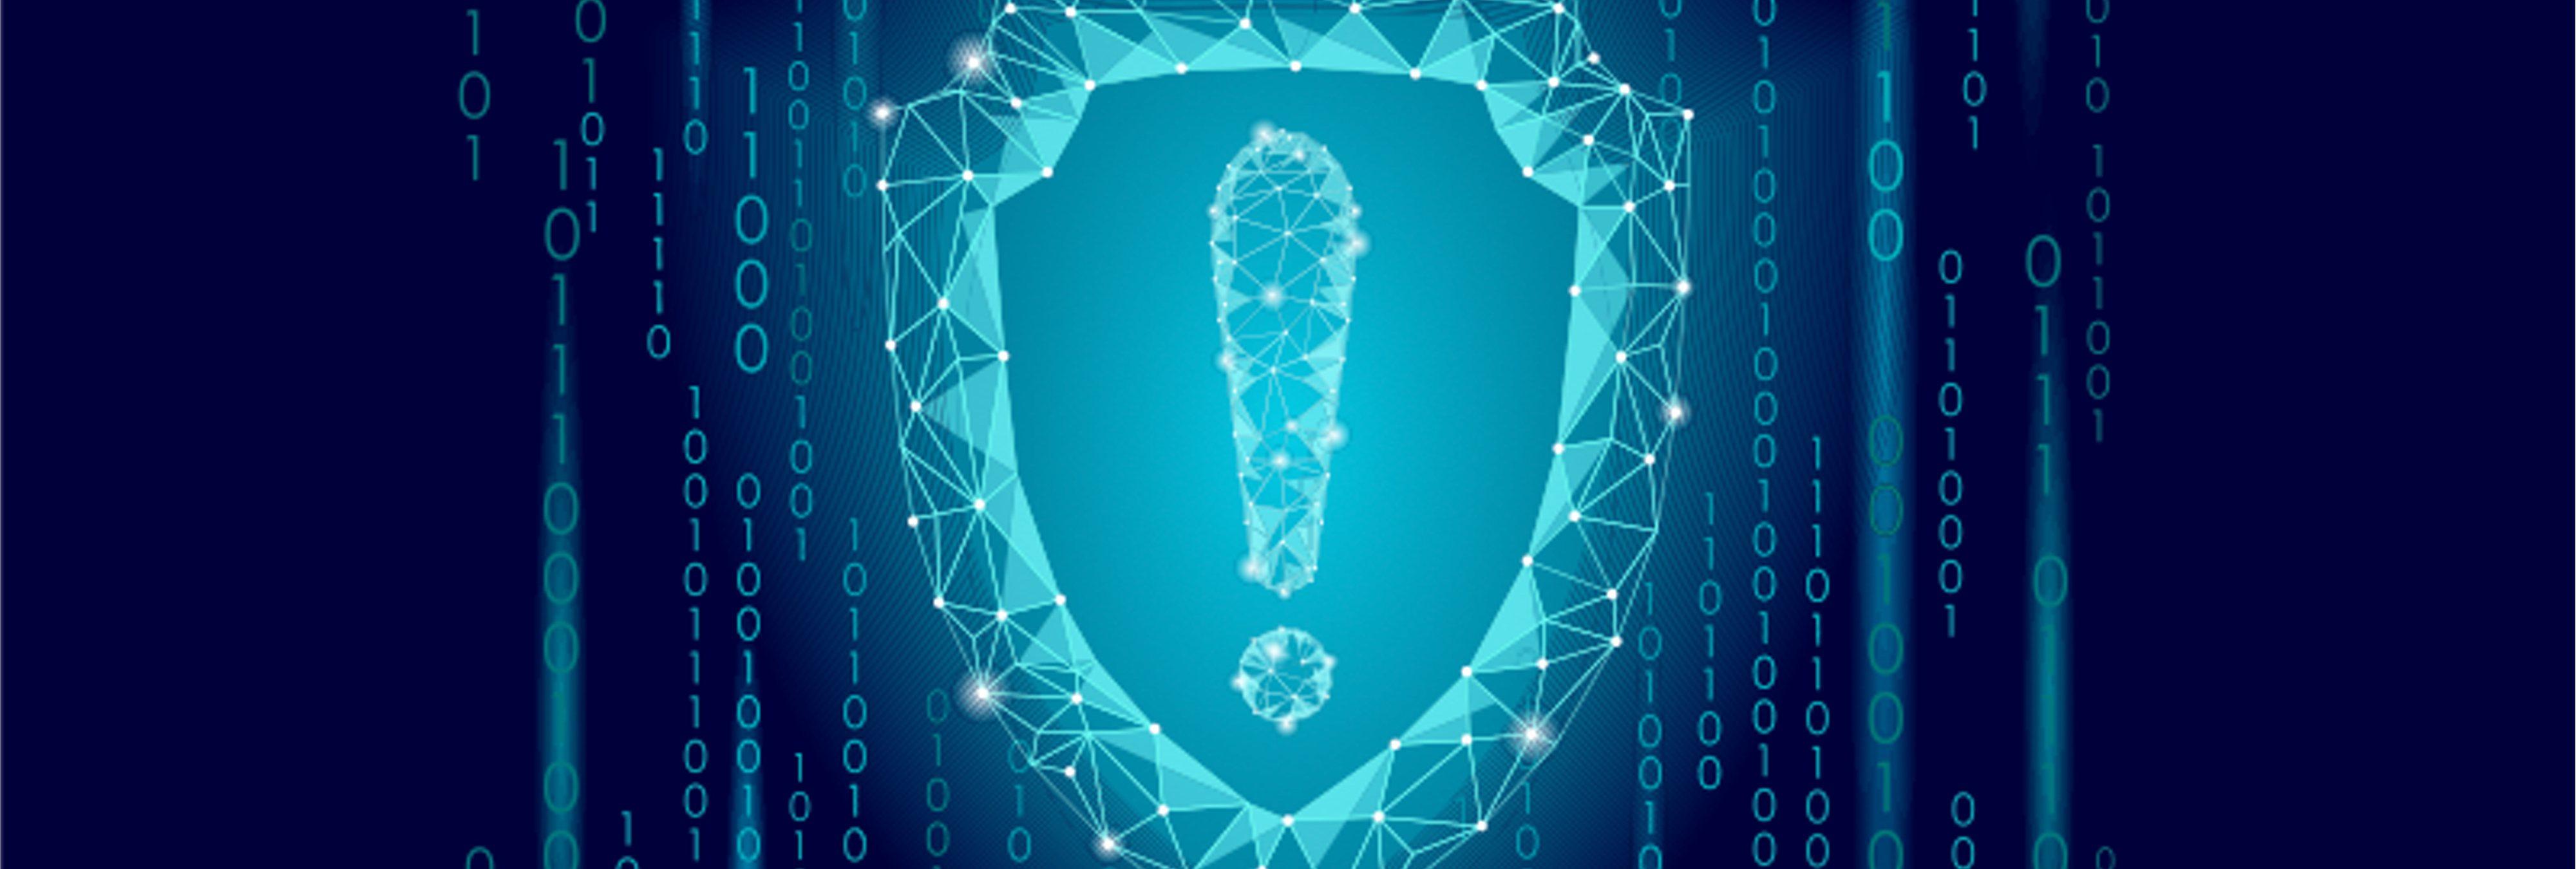 Un fallo de seguridad de Movistar deja al descubierto datos personales de millones de clientes